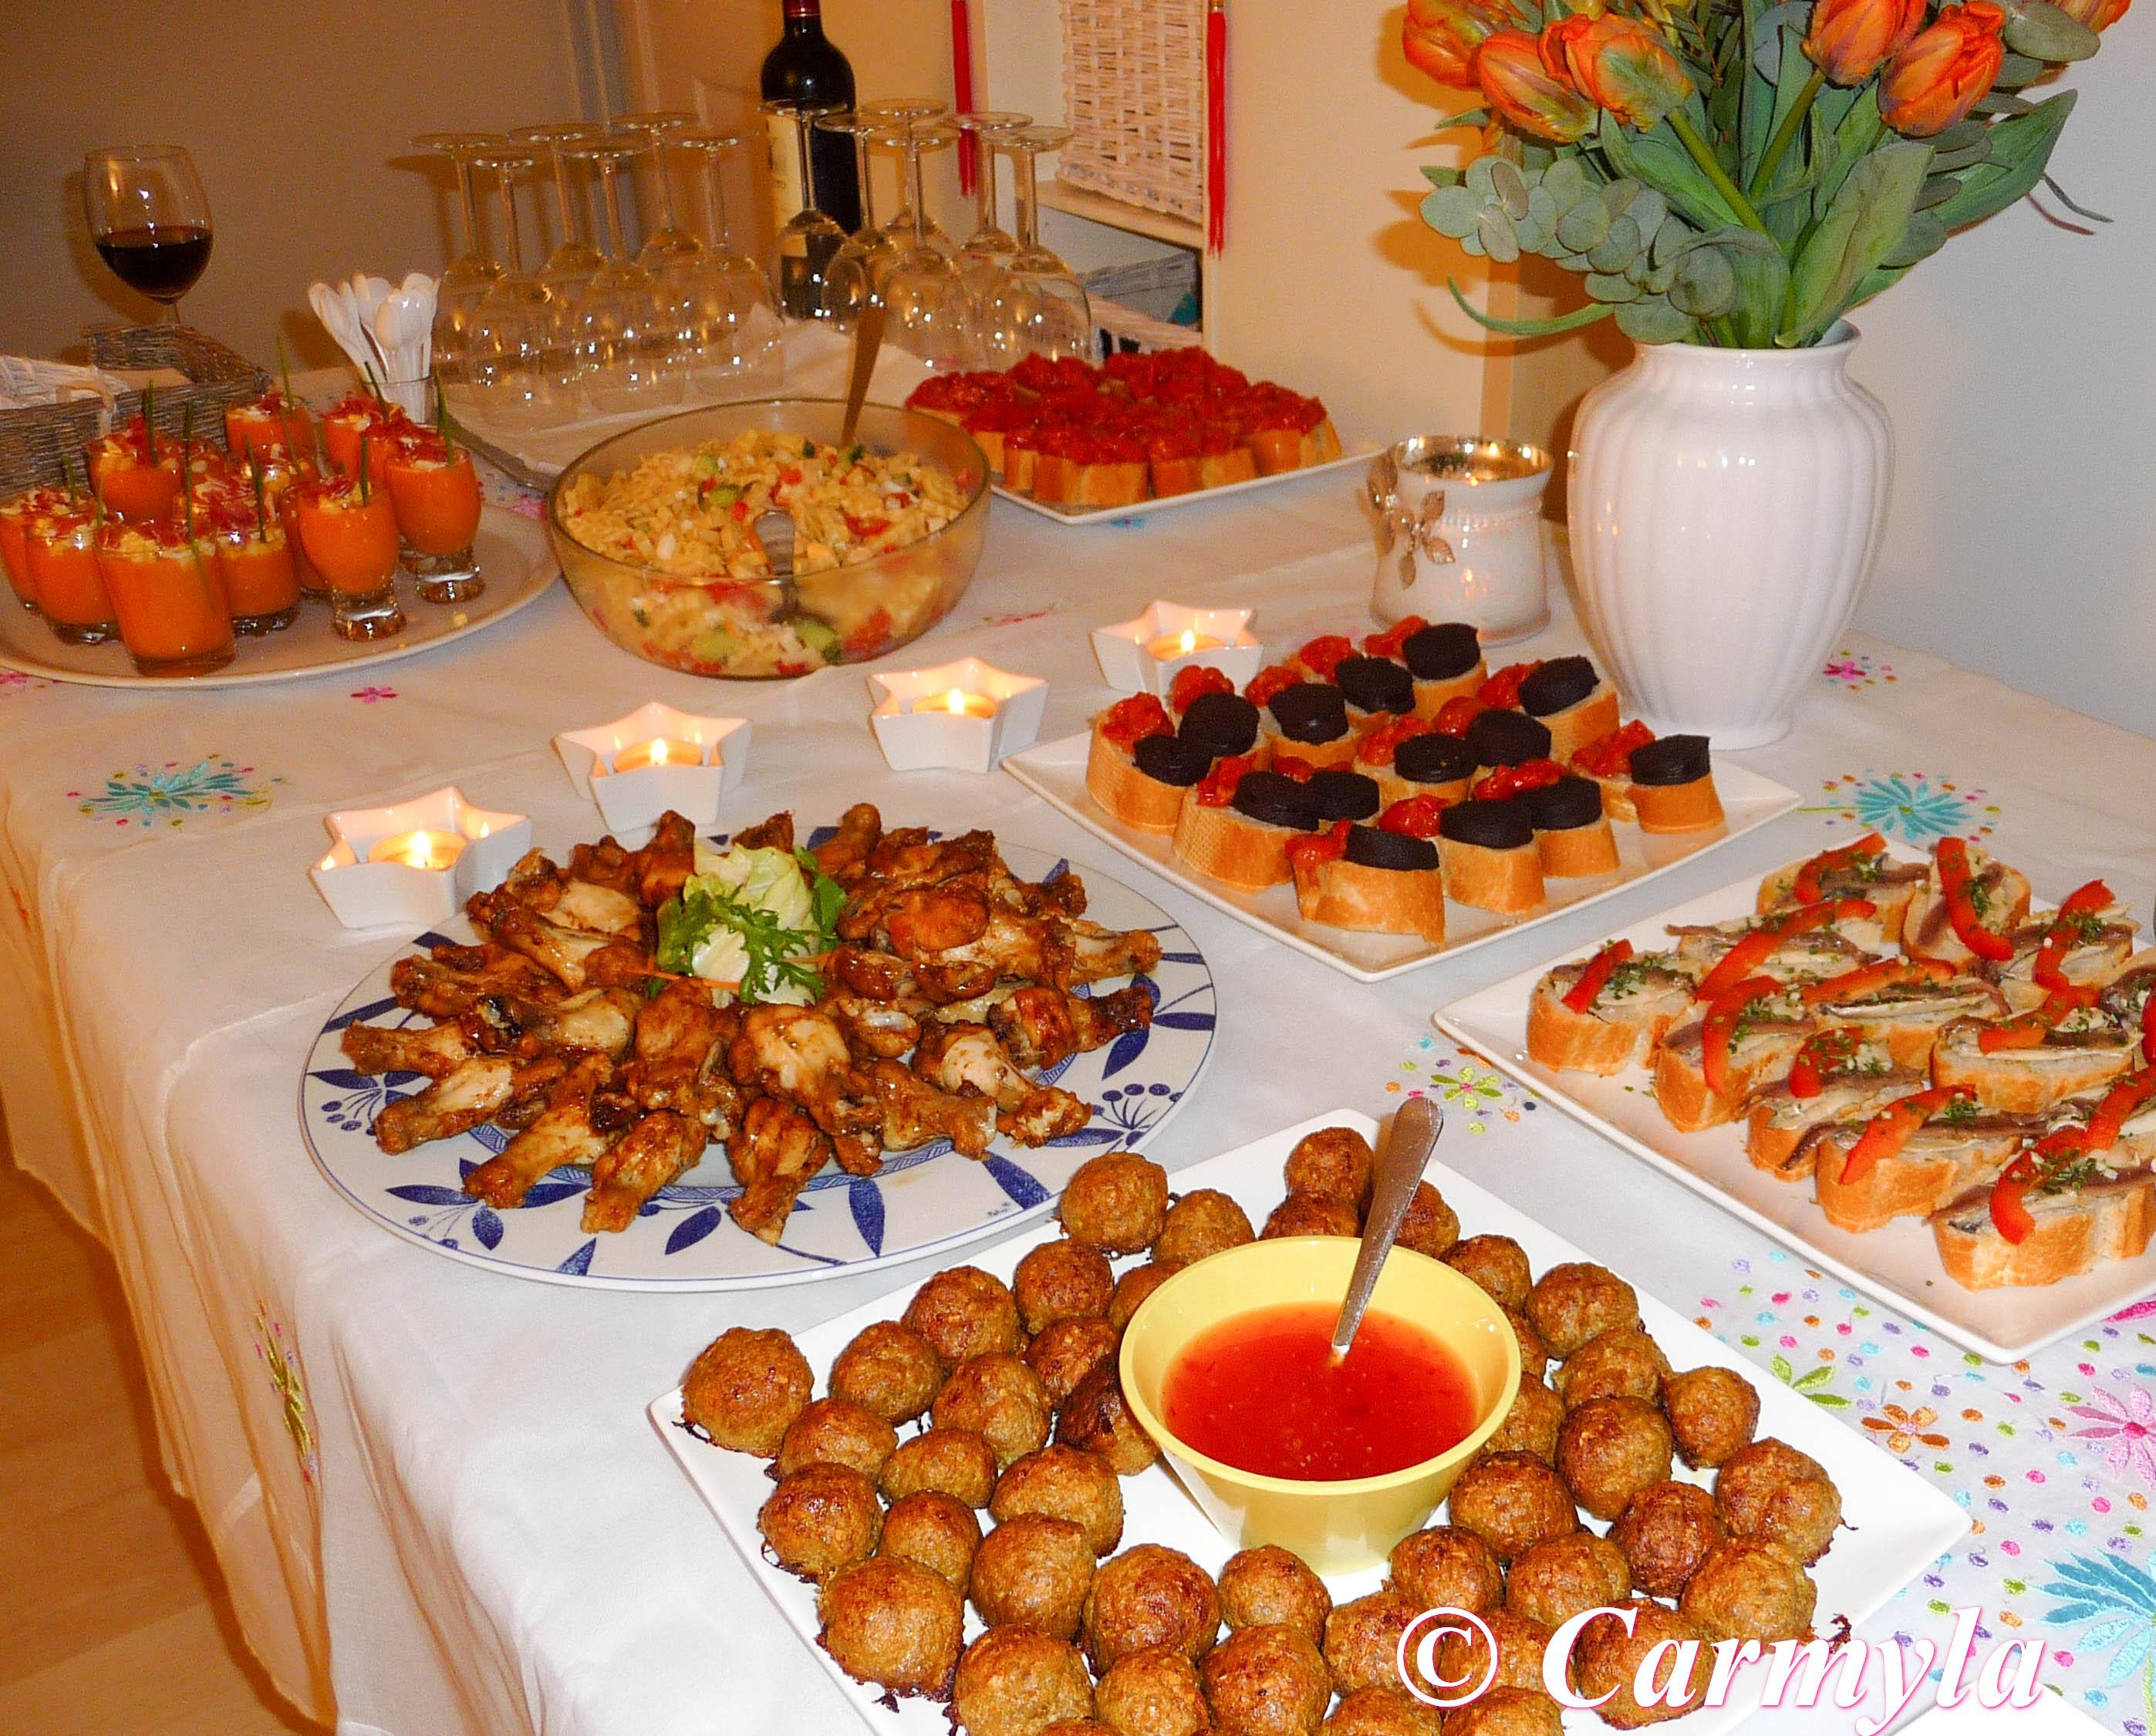 Buffet de tapas para cumplea os para 15 personas carmyla - Comidas para un cumpleanos ...